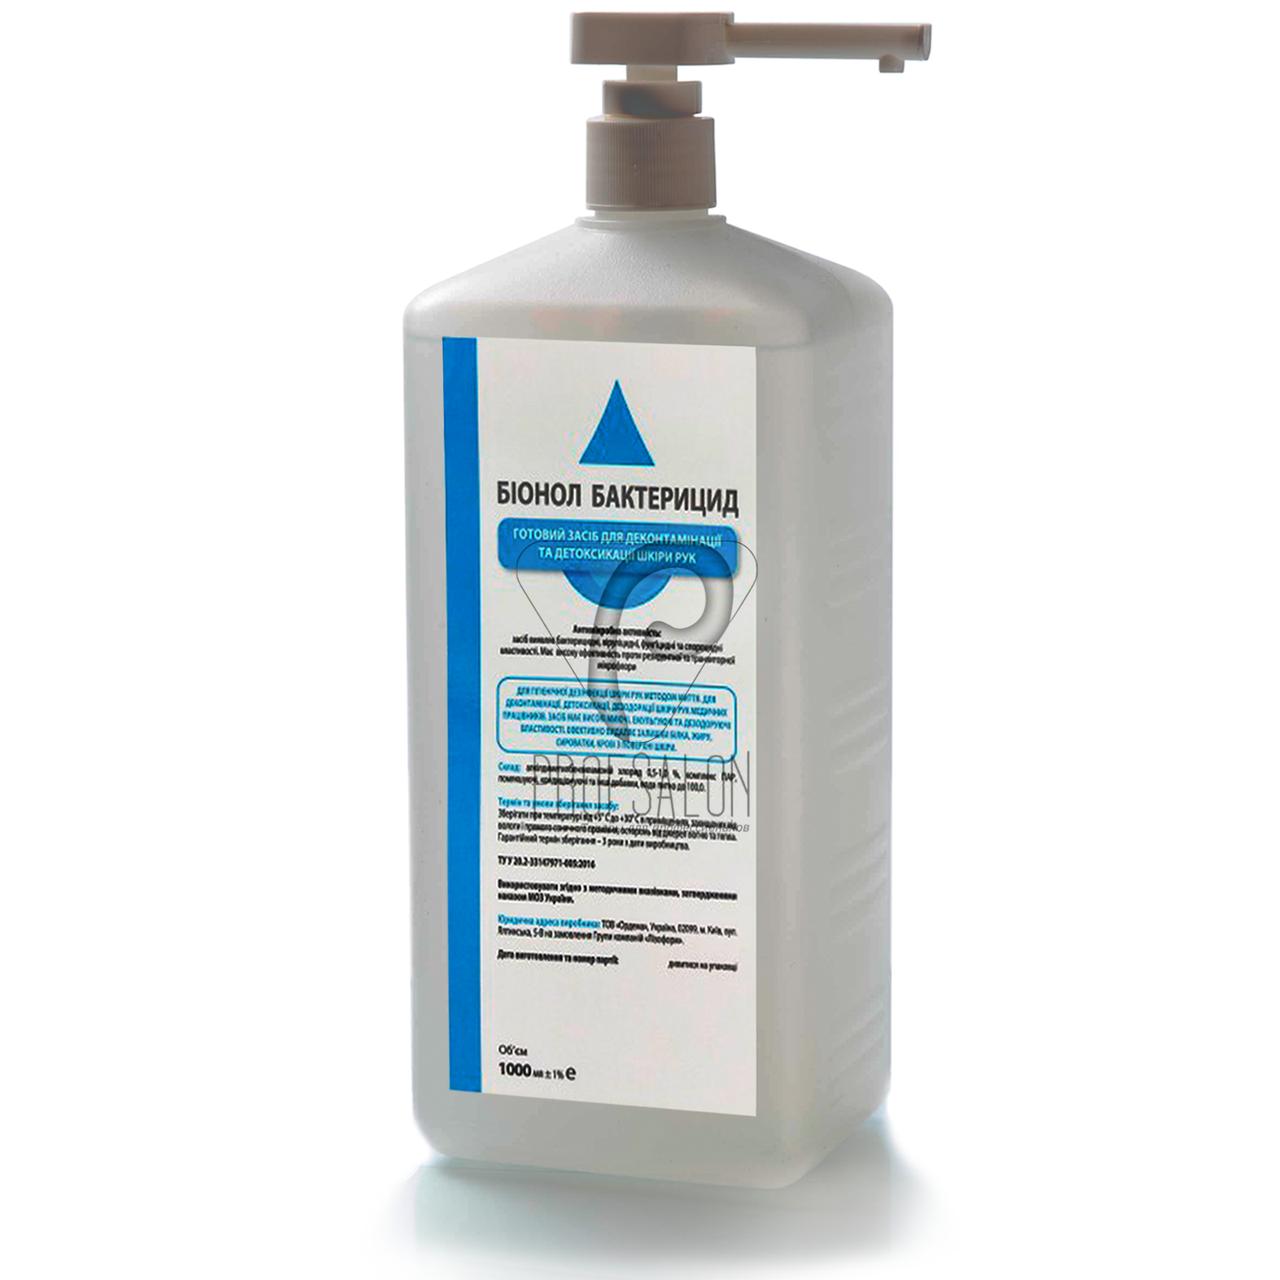 Бионол Бактерицид - жидкое мыло для гигиенической дезинфекции кожи рук, 1л